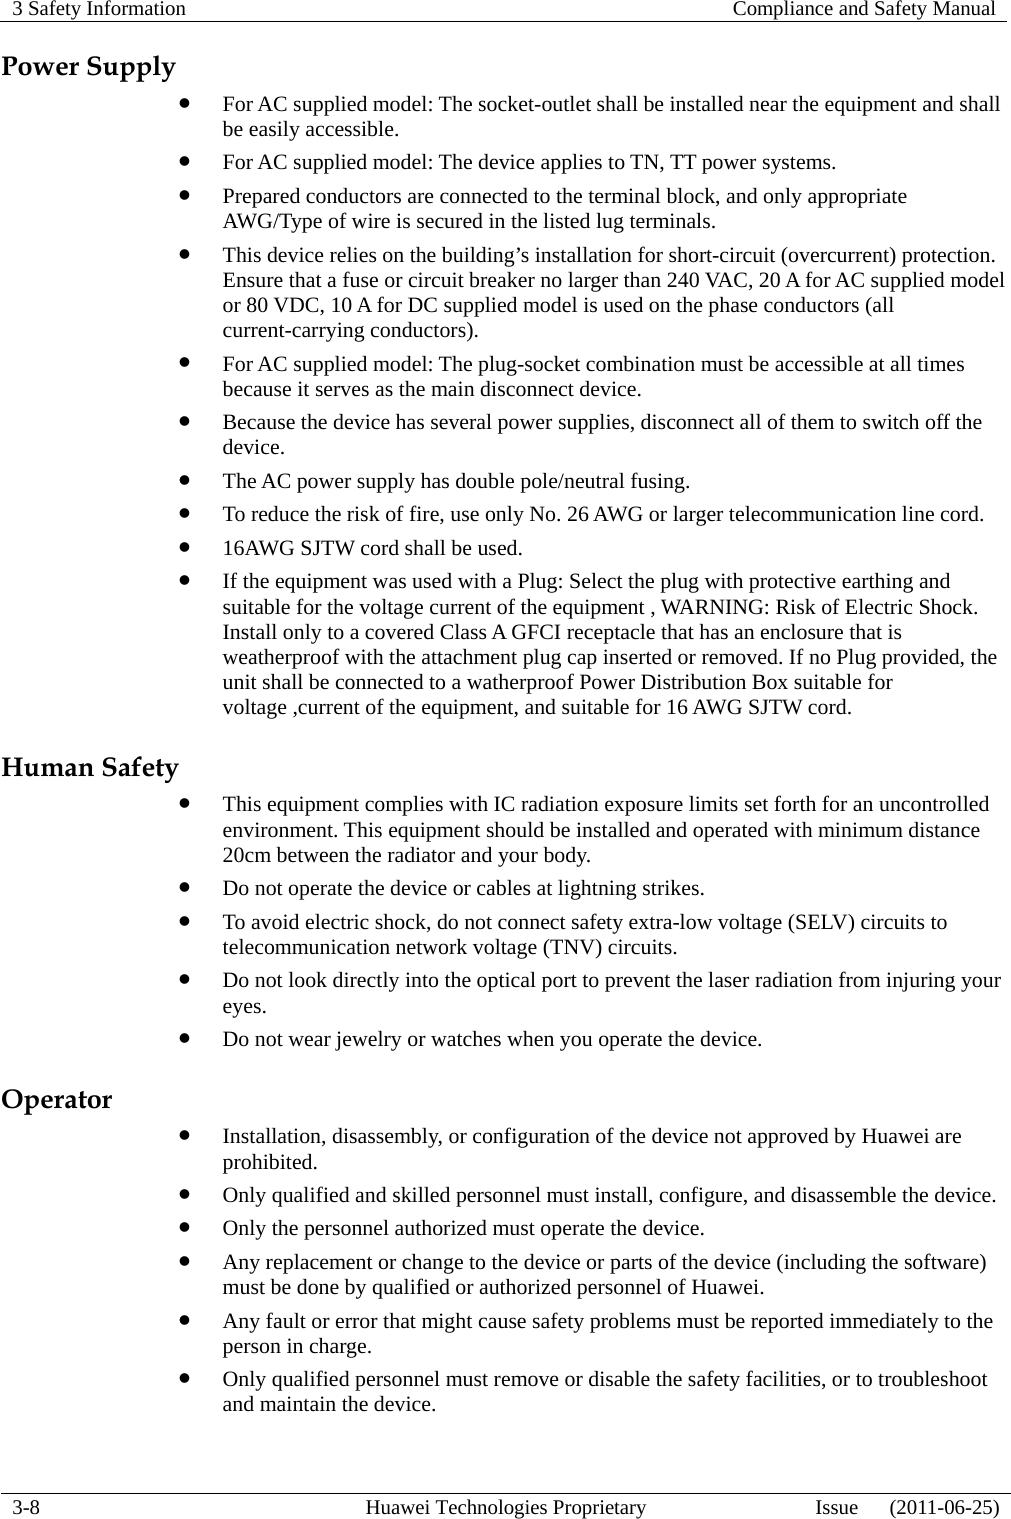 Huawei Technologies Ap6010sn